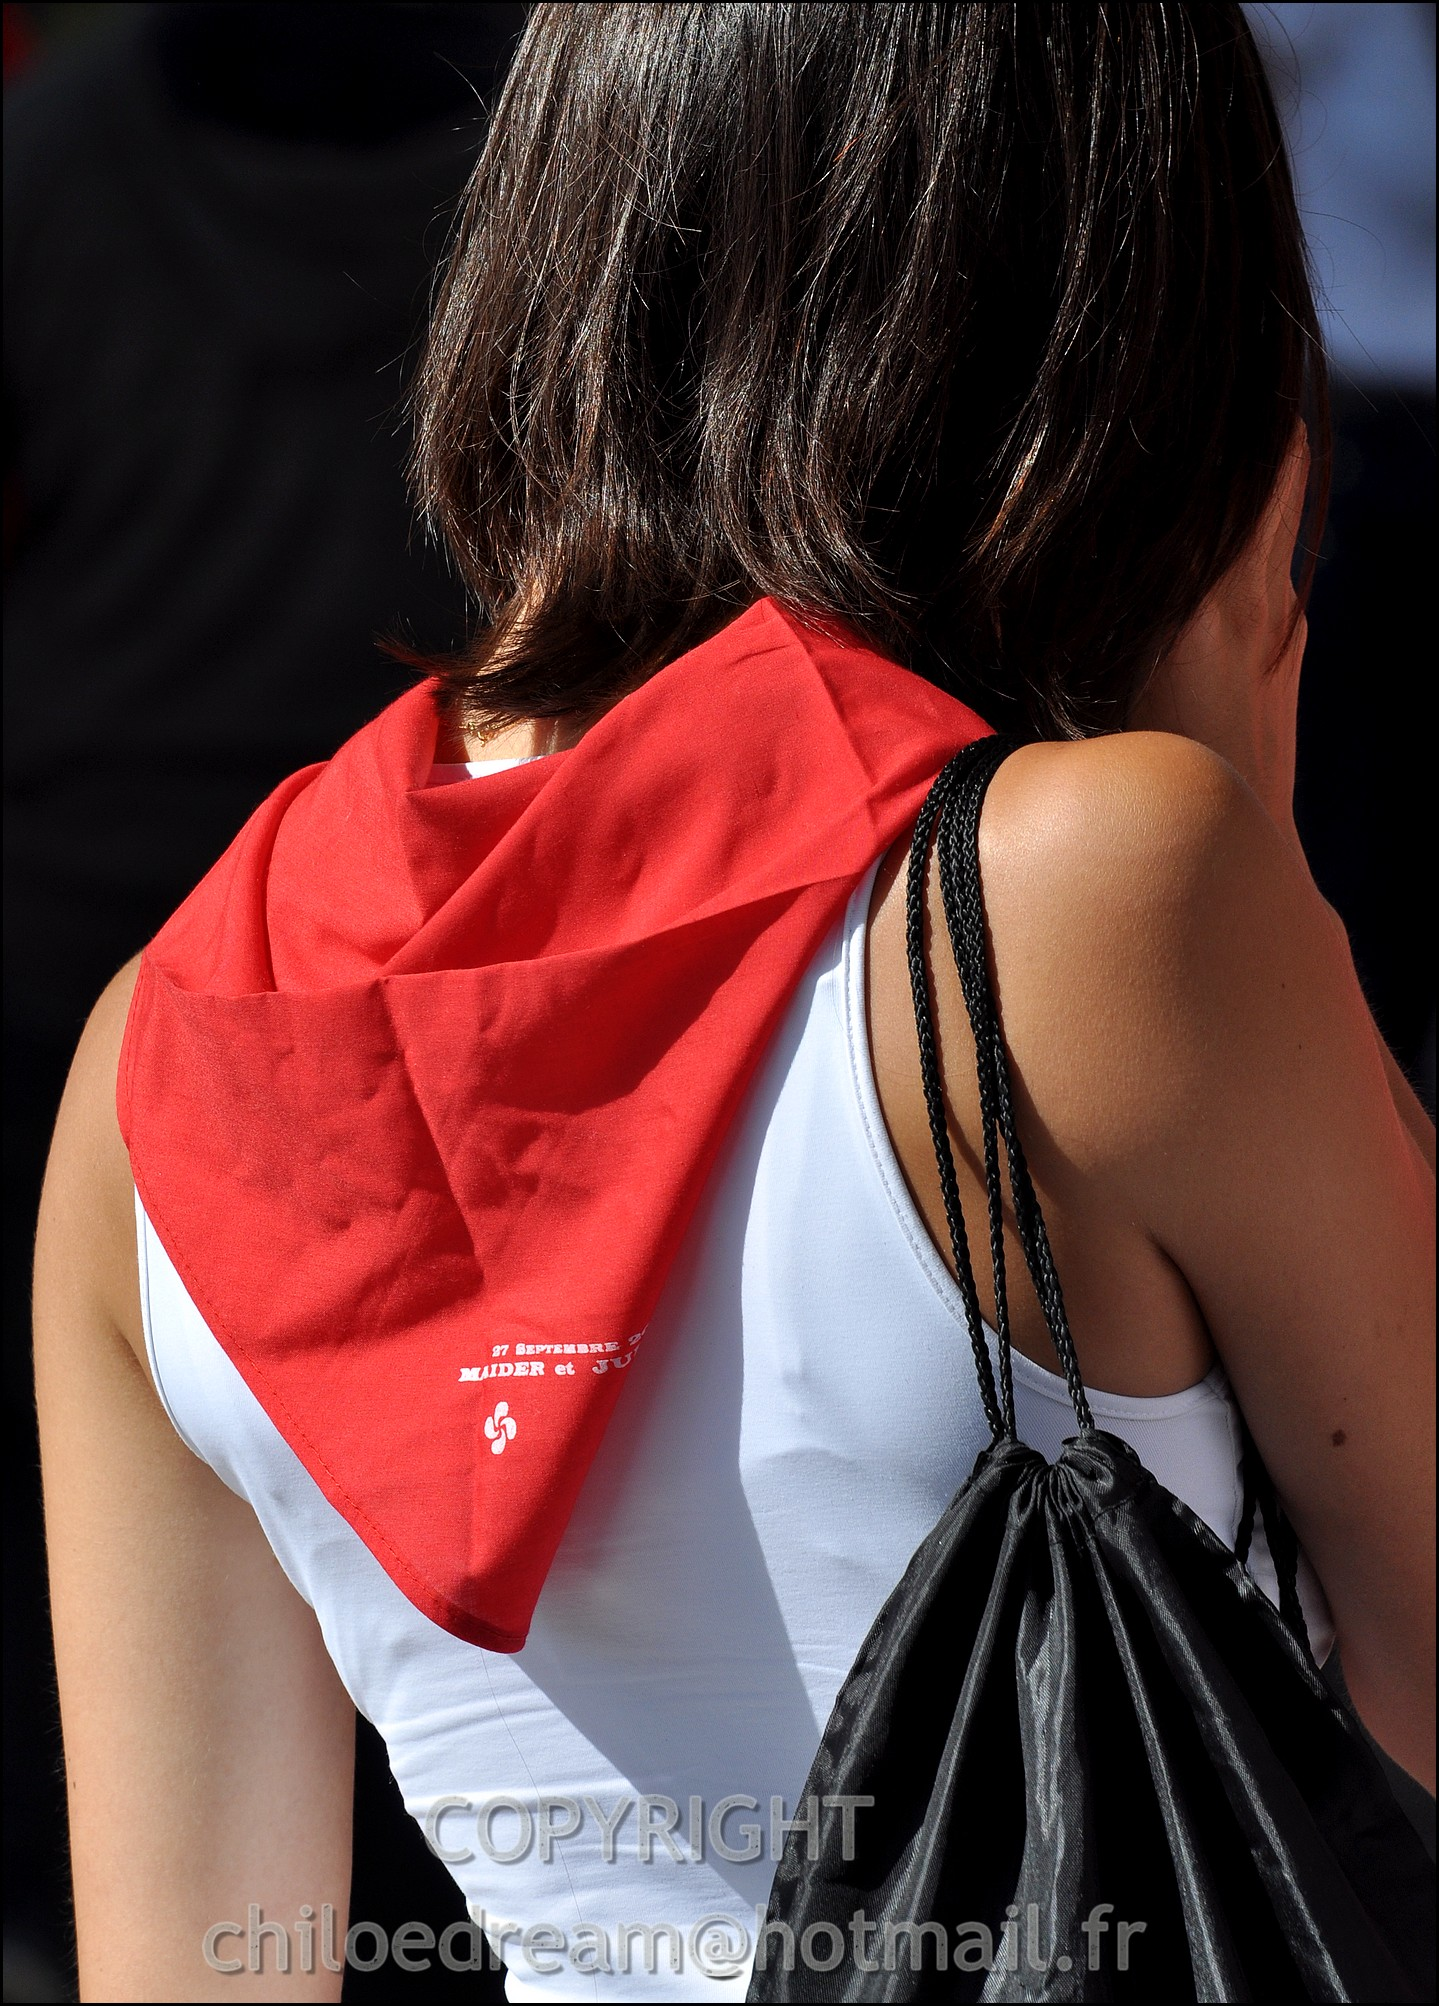 Voyage Pays Basque - Dax ; Corrida à cheval en rouge et blanc 5